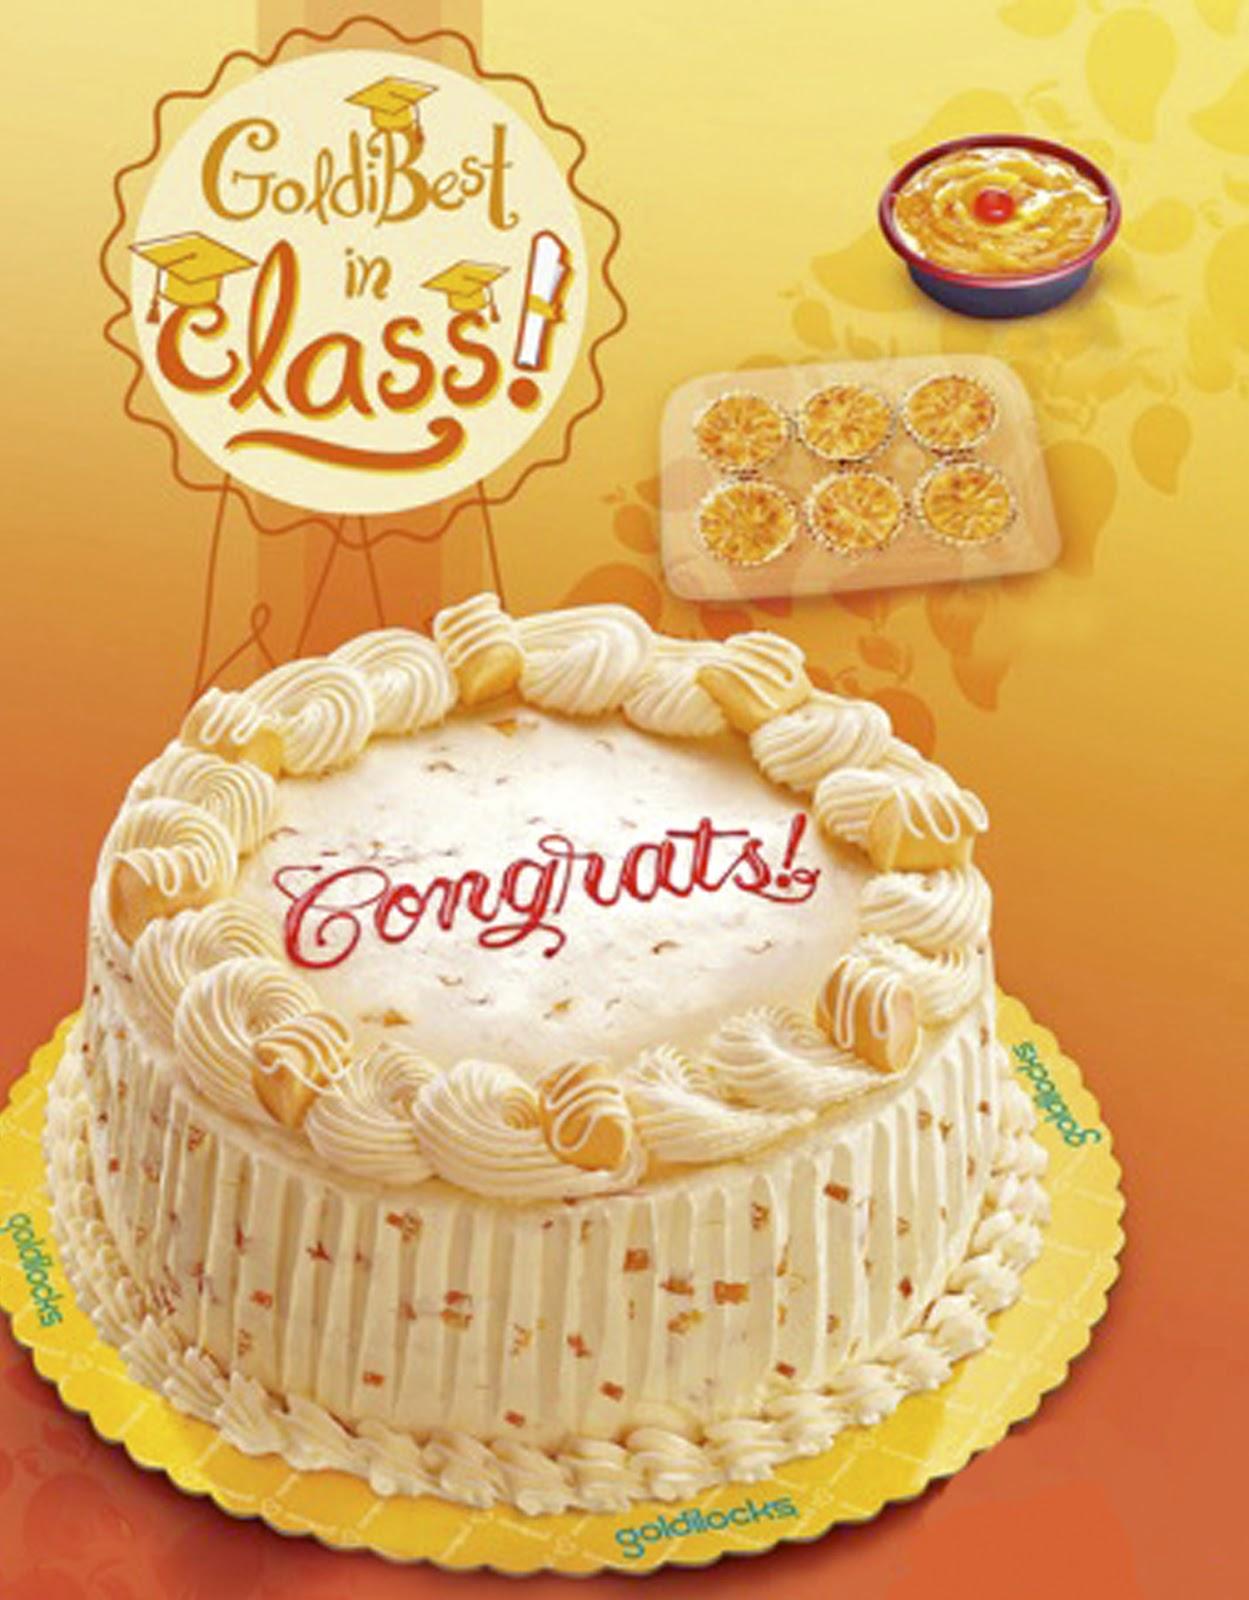 http://4.bp.blogspot.com/-uhF2weR6qY4/UUbCP5XWXEI/AAAAAAAACBo/wV_xU8hSfUA/s1600/Graduation+2013fin.jpg